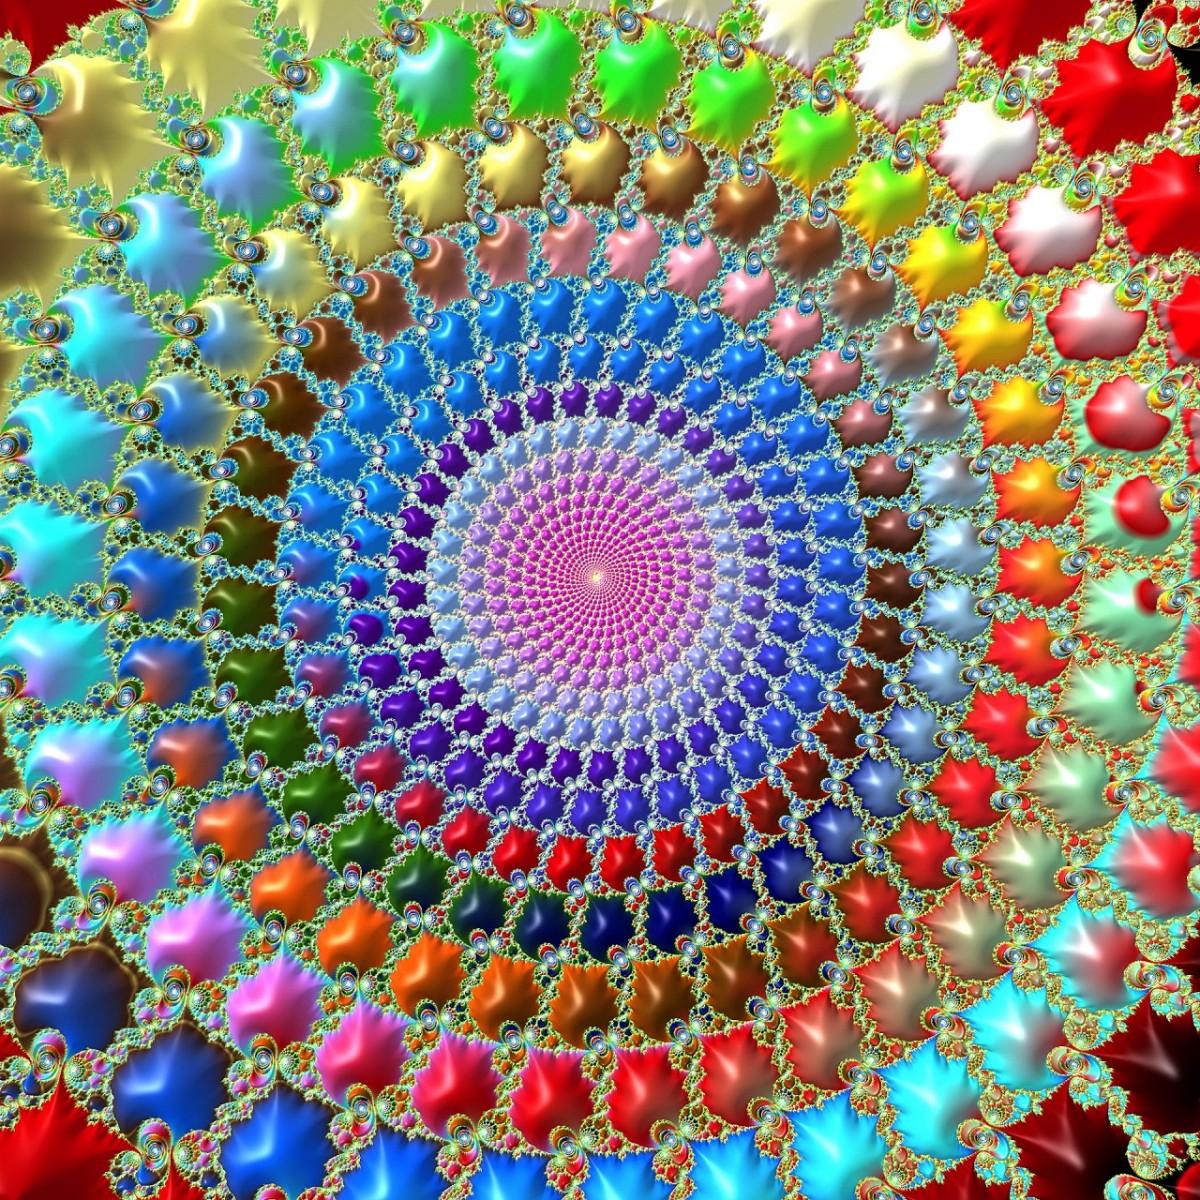 O quebra-cabeça Recolher o quebra-cabeças on-line - Rainbow spiral